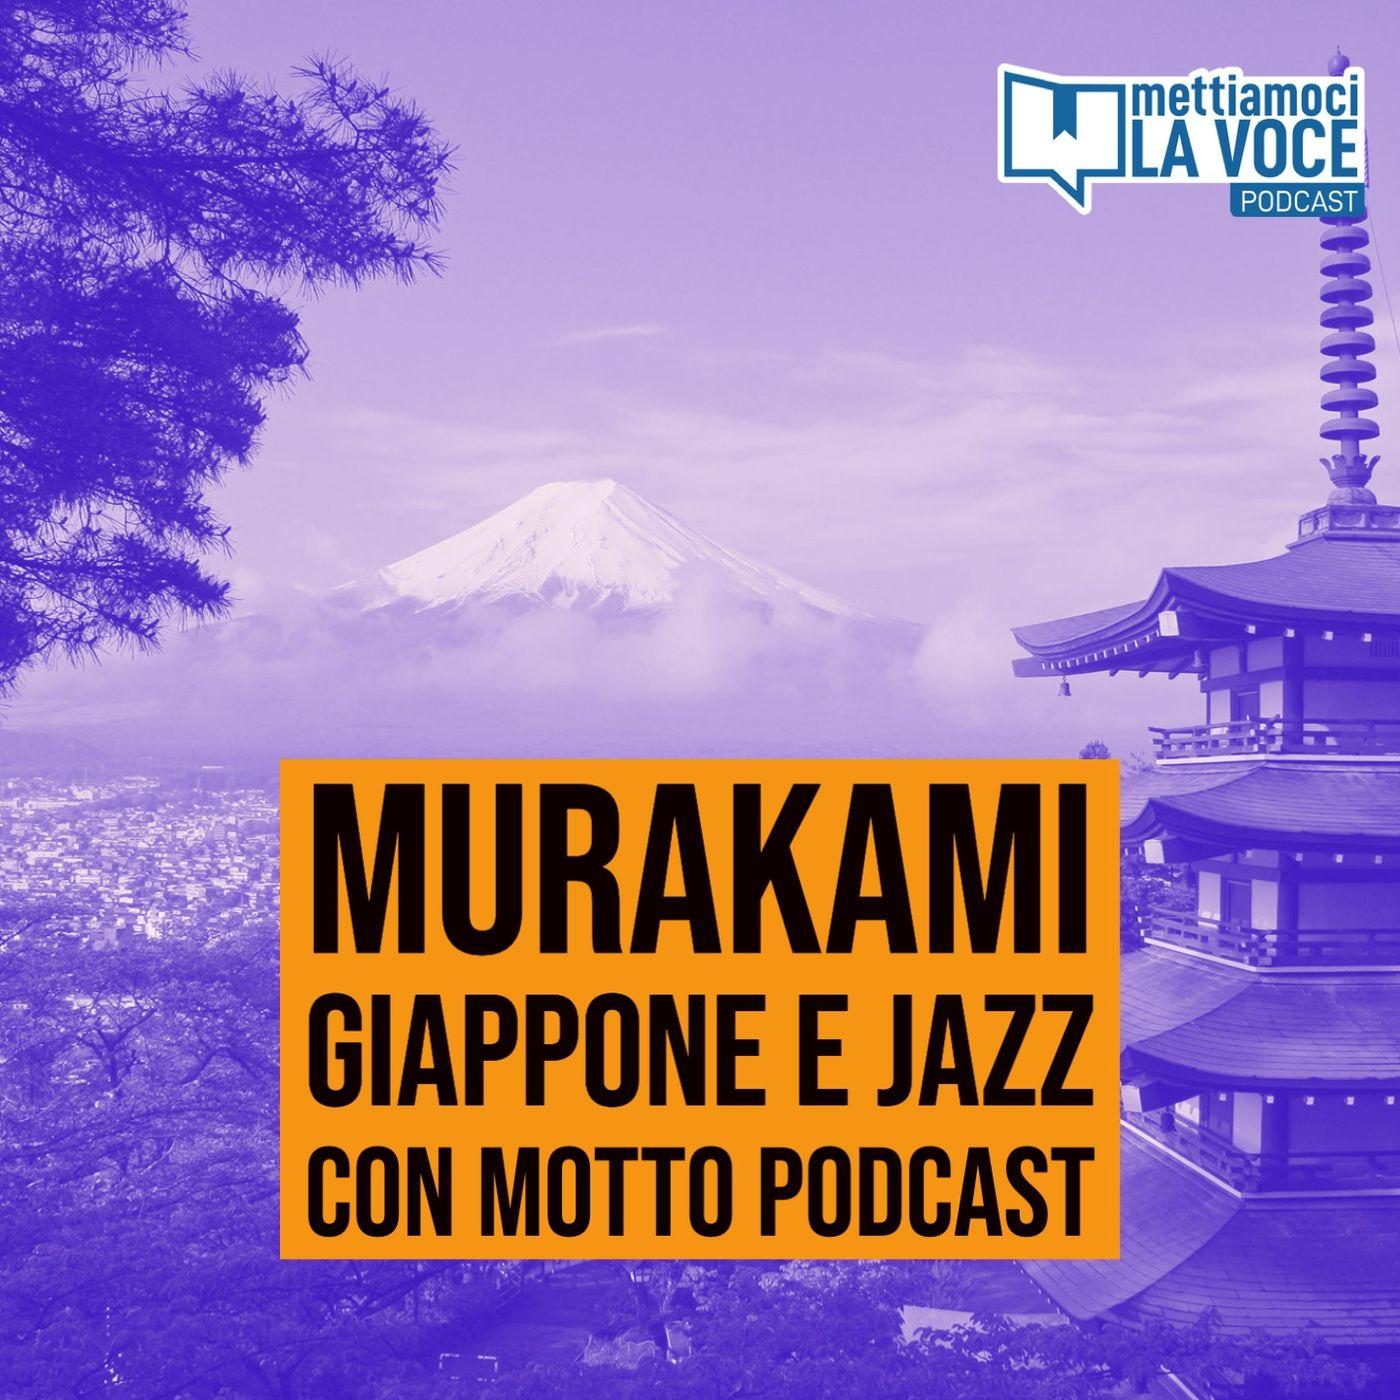 171 - Murakami Giappone e jazz con Motto podcast